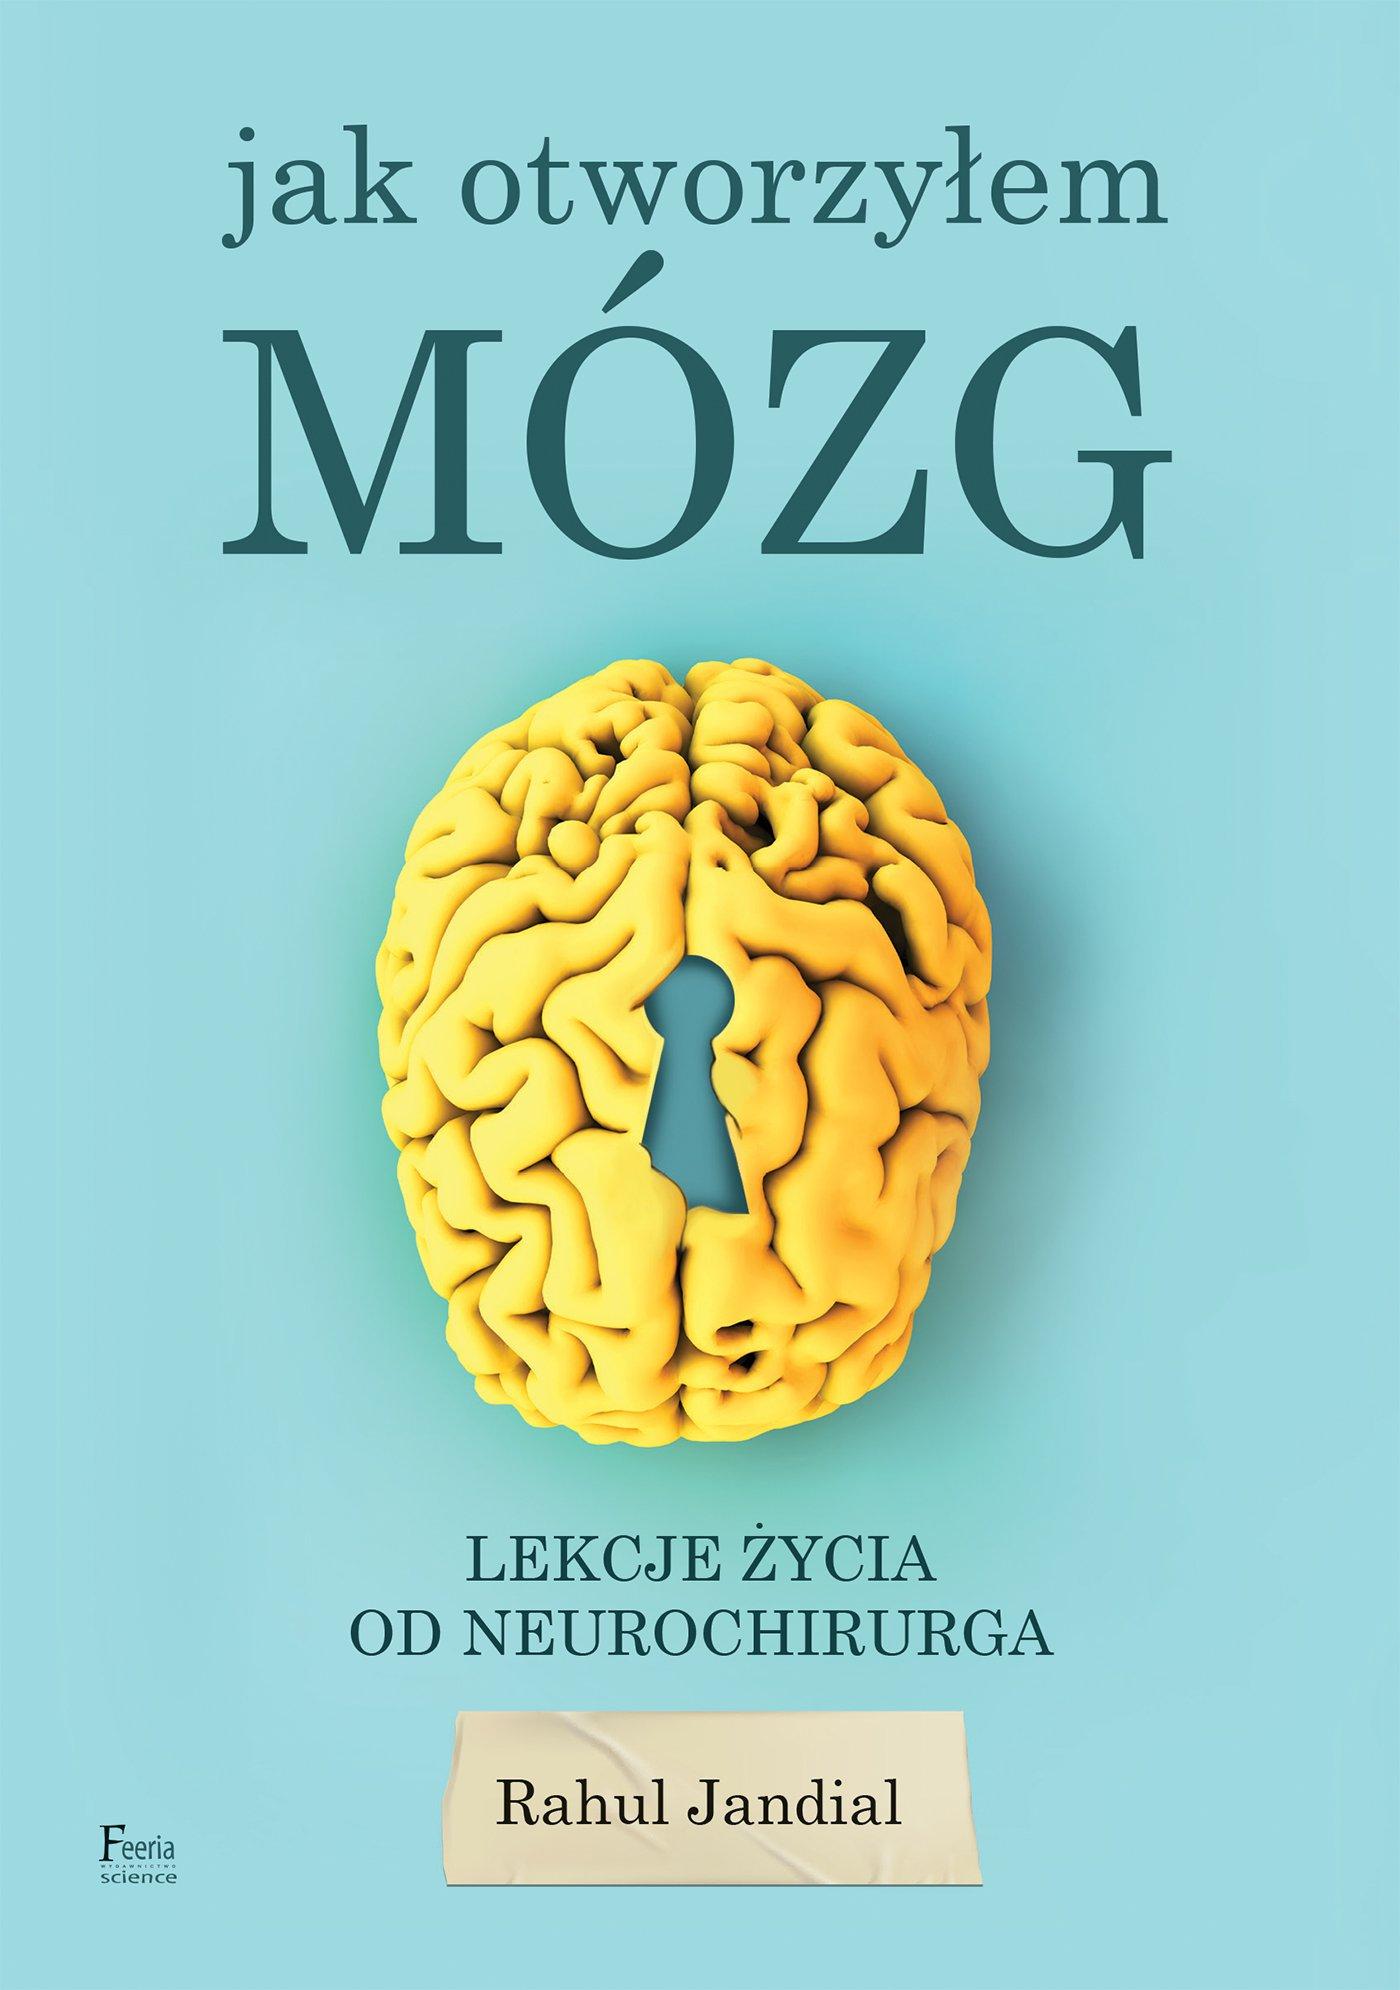 Jak otworzyłem mózg. Lekcje życia od neurochirurga - Ebook (Książka na Kindle) do pobrania w formacie MOBI